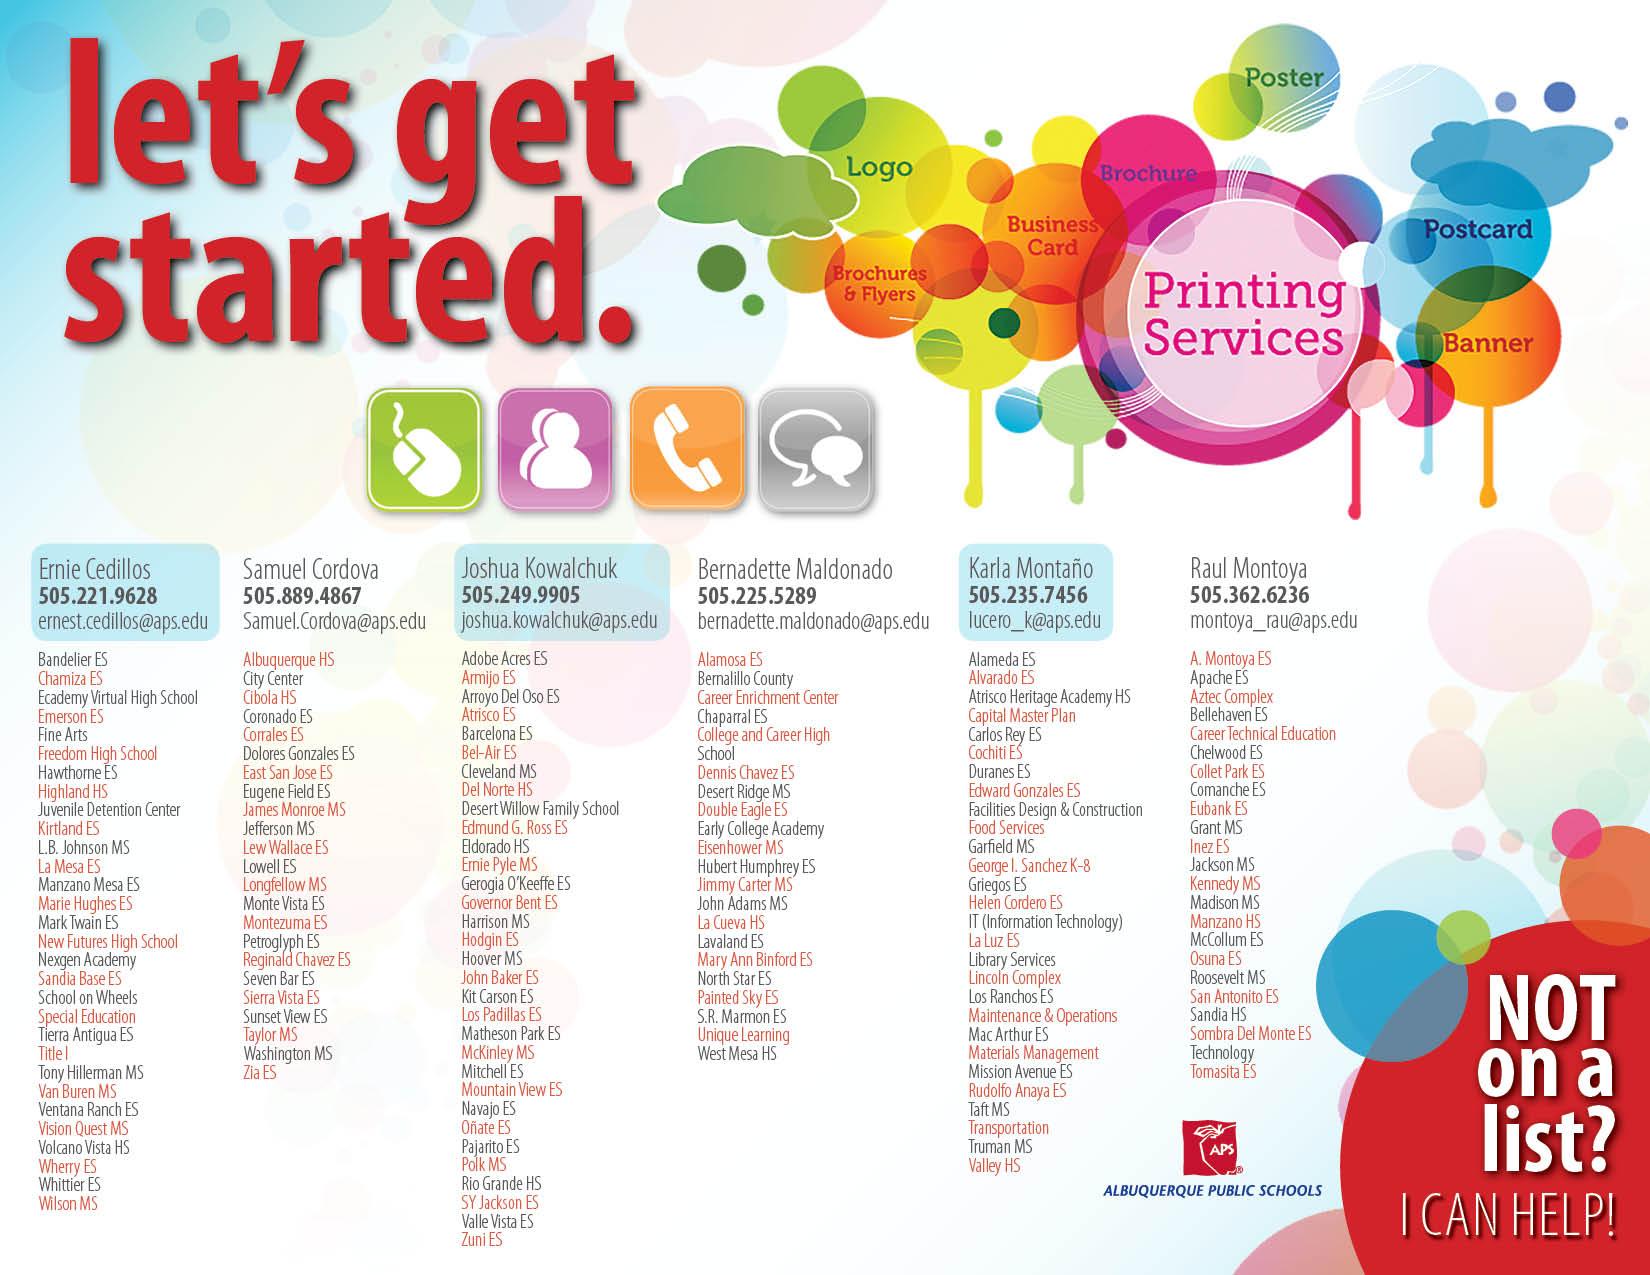 Let's Get Started Printable PDF